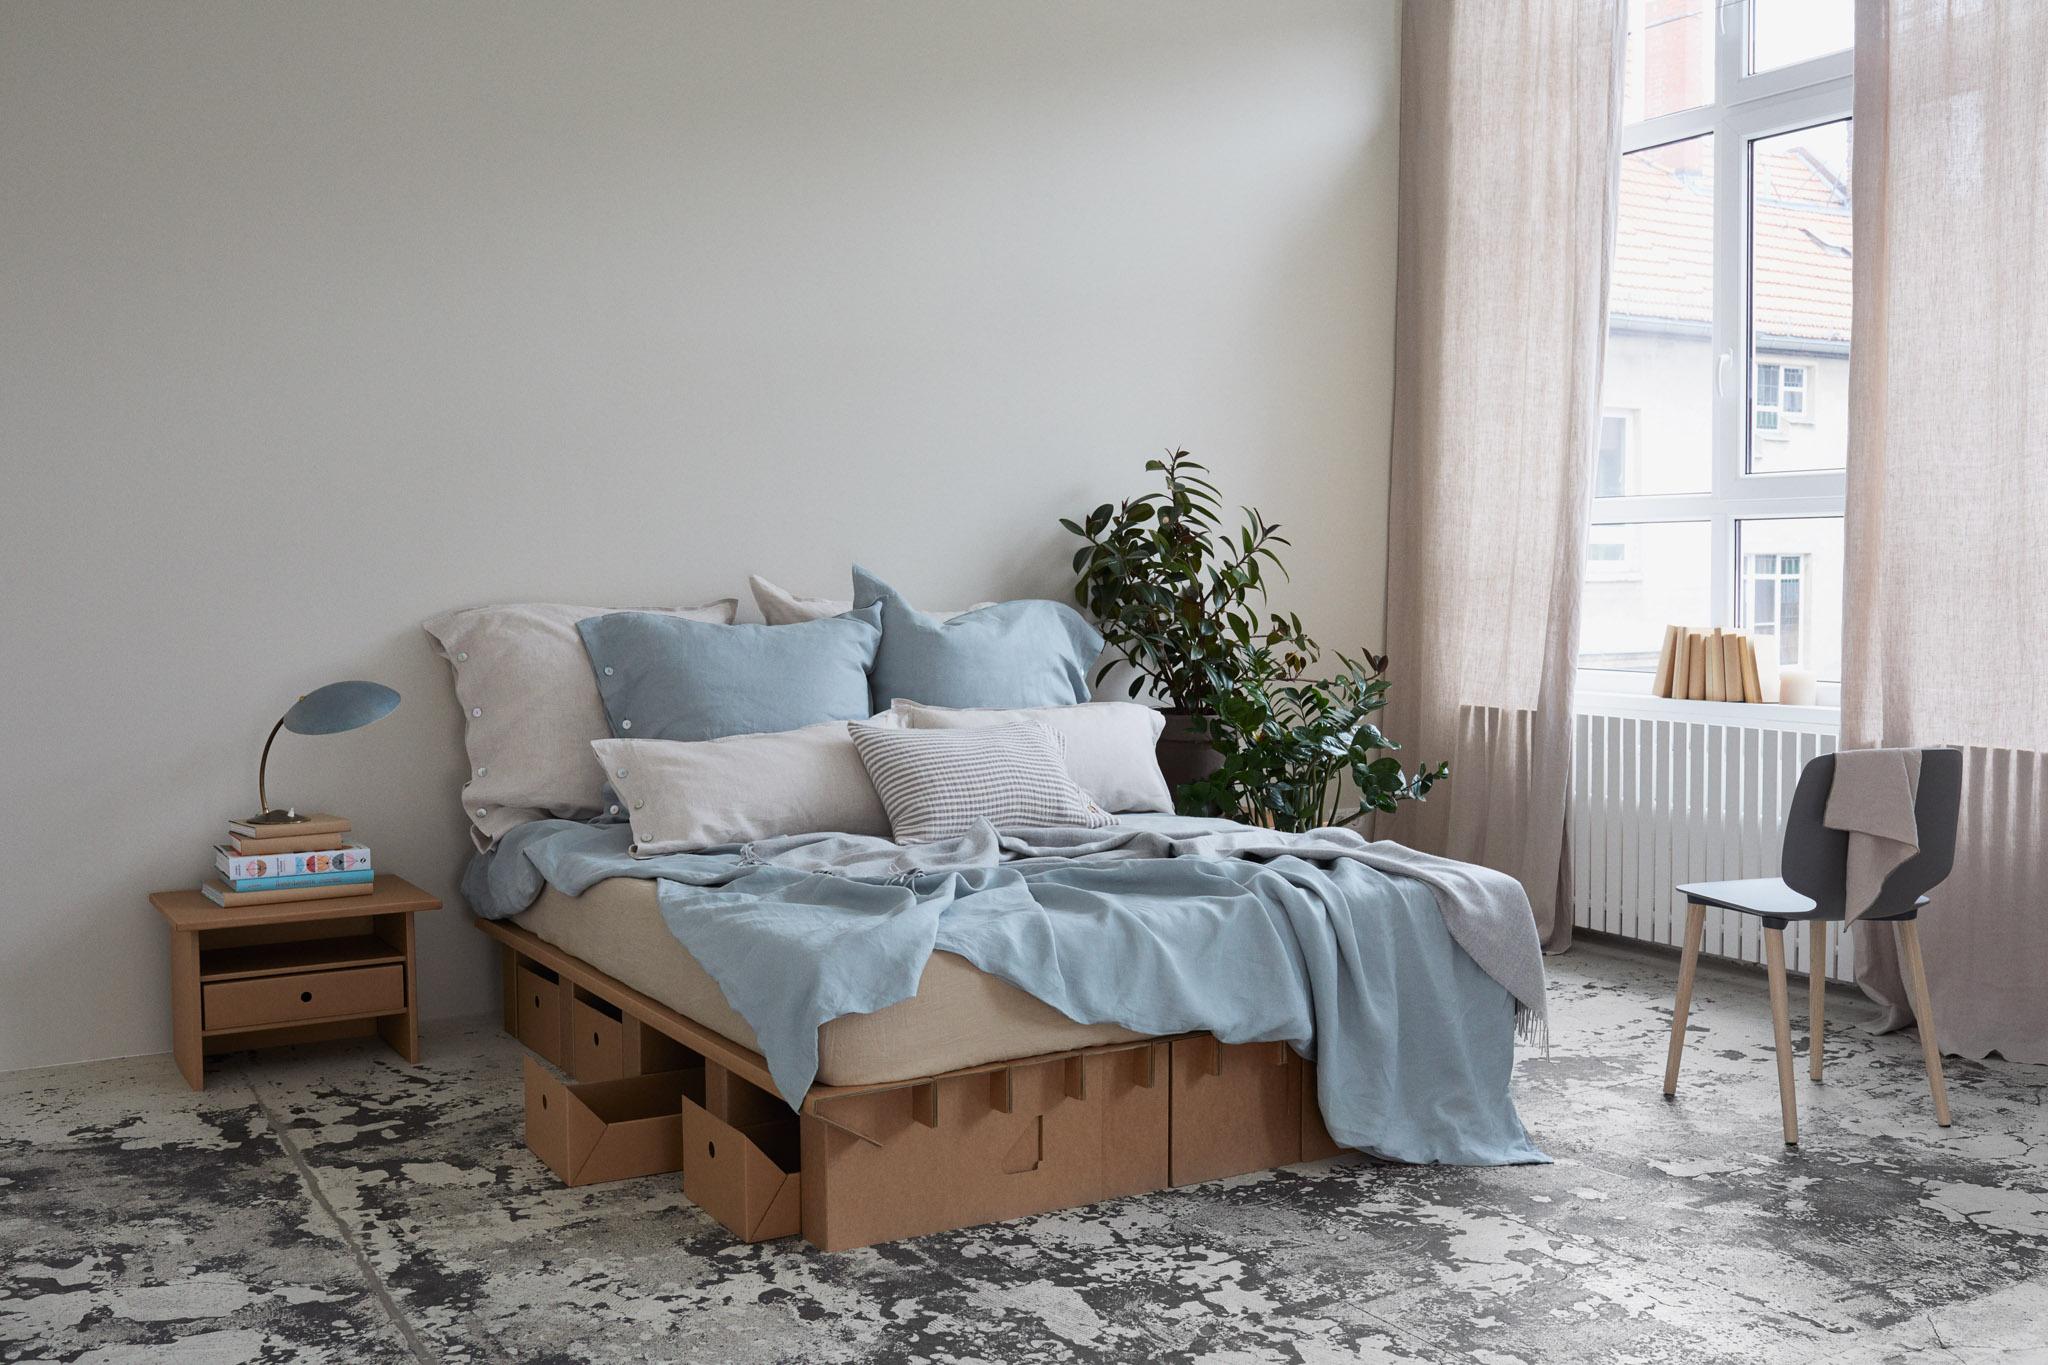 Pappbett dream das original von stange design for Bett tumblr